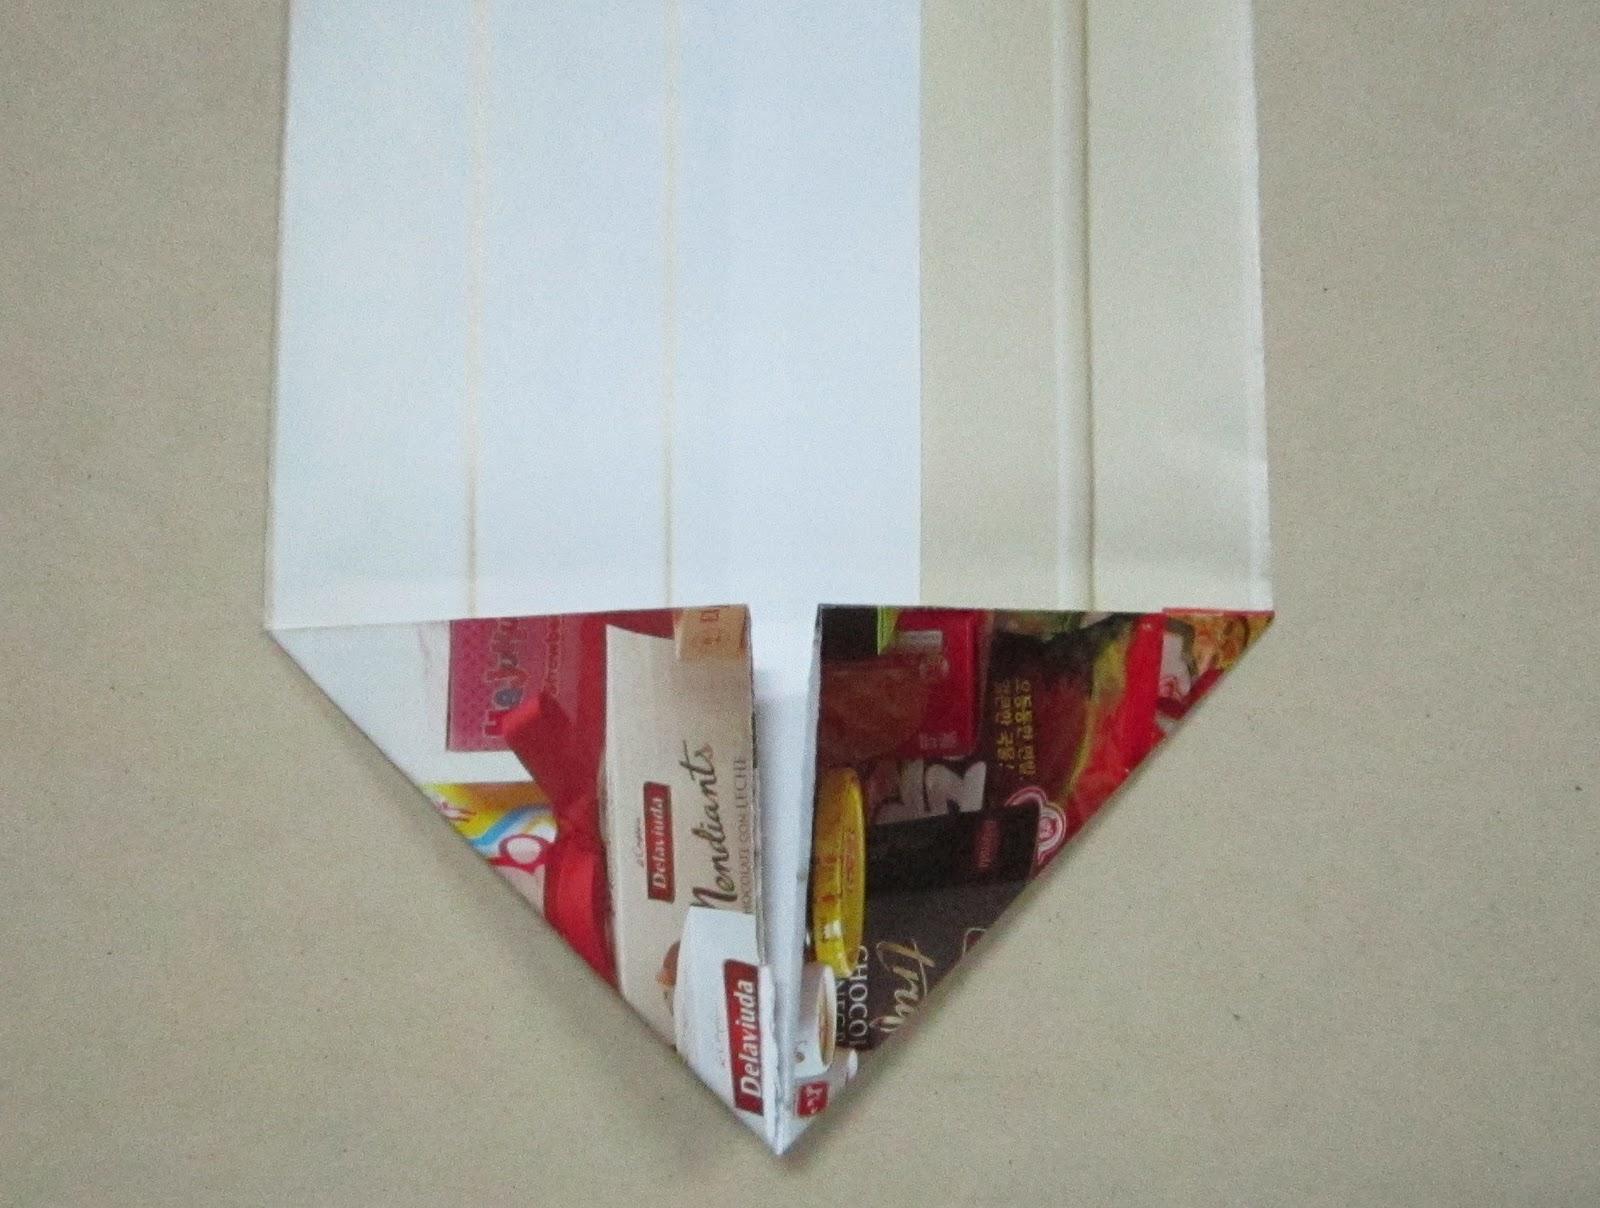 พับถุง,เมคราเม่,ถุงของขวัญ reuse paper ,how to souvenir bag ,How to Reuse Paper as Souvenir Bag.ทำจากกระดาษใช้แล้ว,ทำจากของเหลือใช้ ,ขยะจากของเหลือใช้,ขยะ สวย งาม,ขยะ มีประโยชน์ ,ทำจากขยะ,วัสดุใช้แล้ว มีค่า